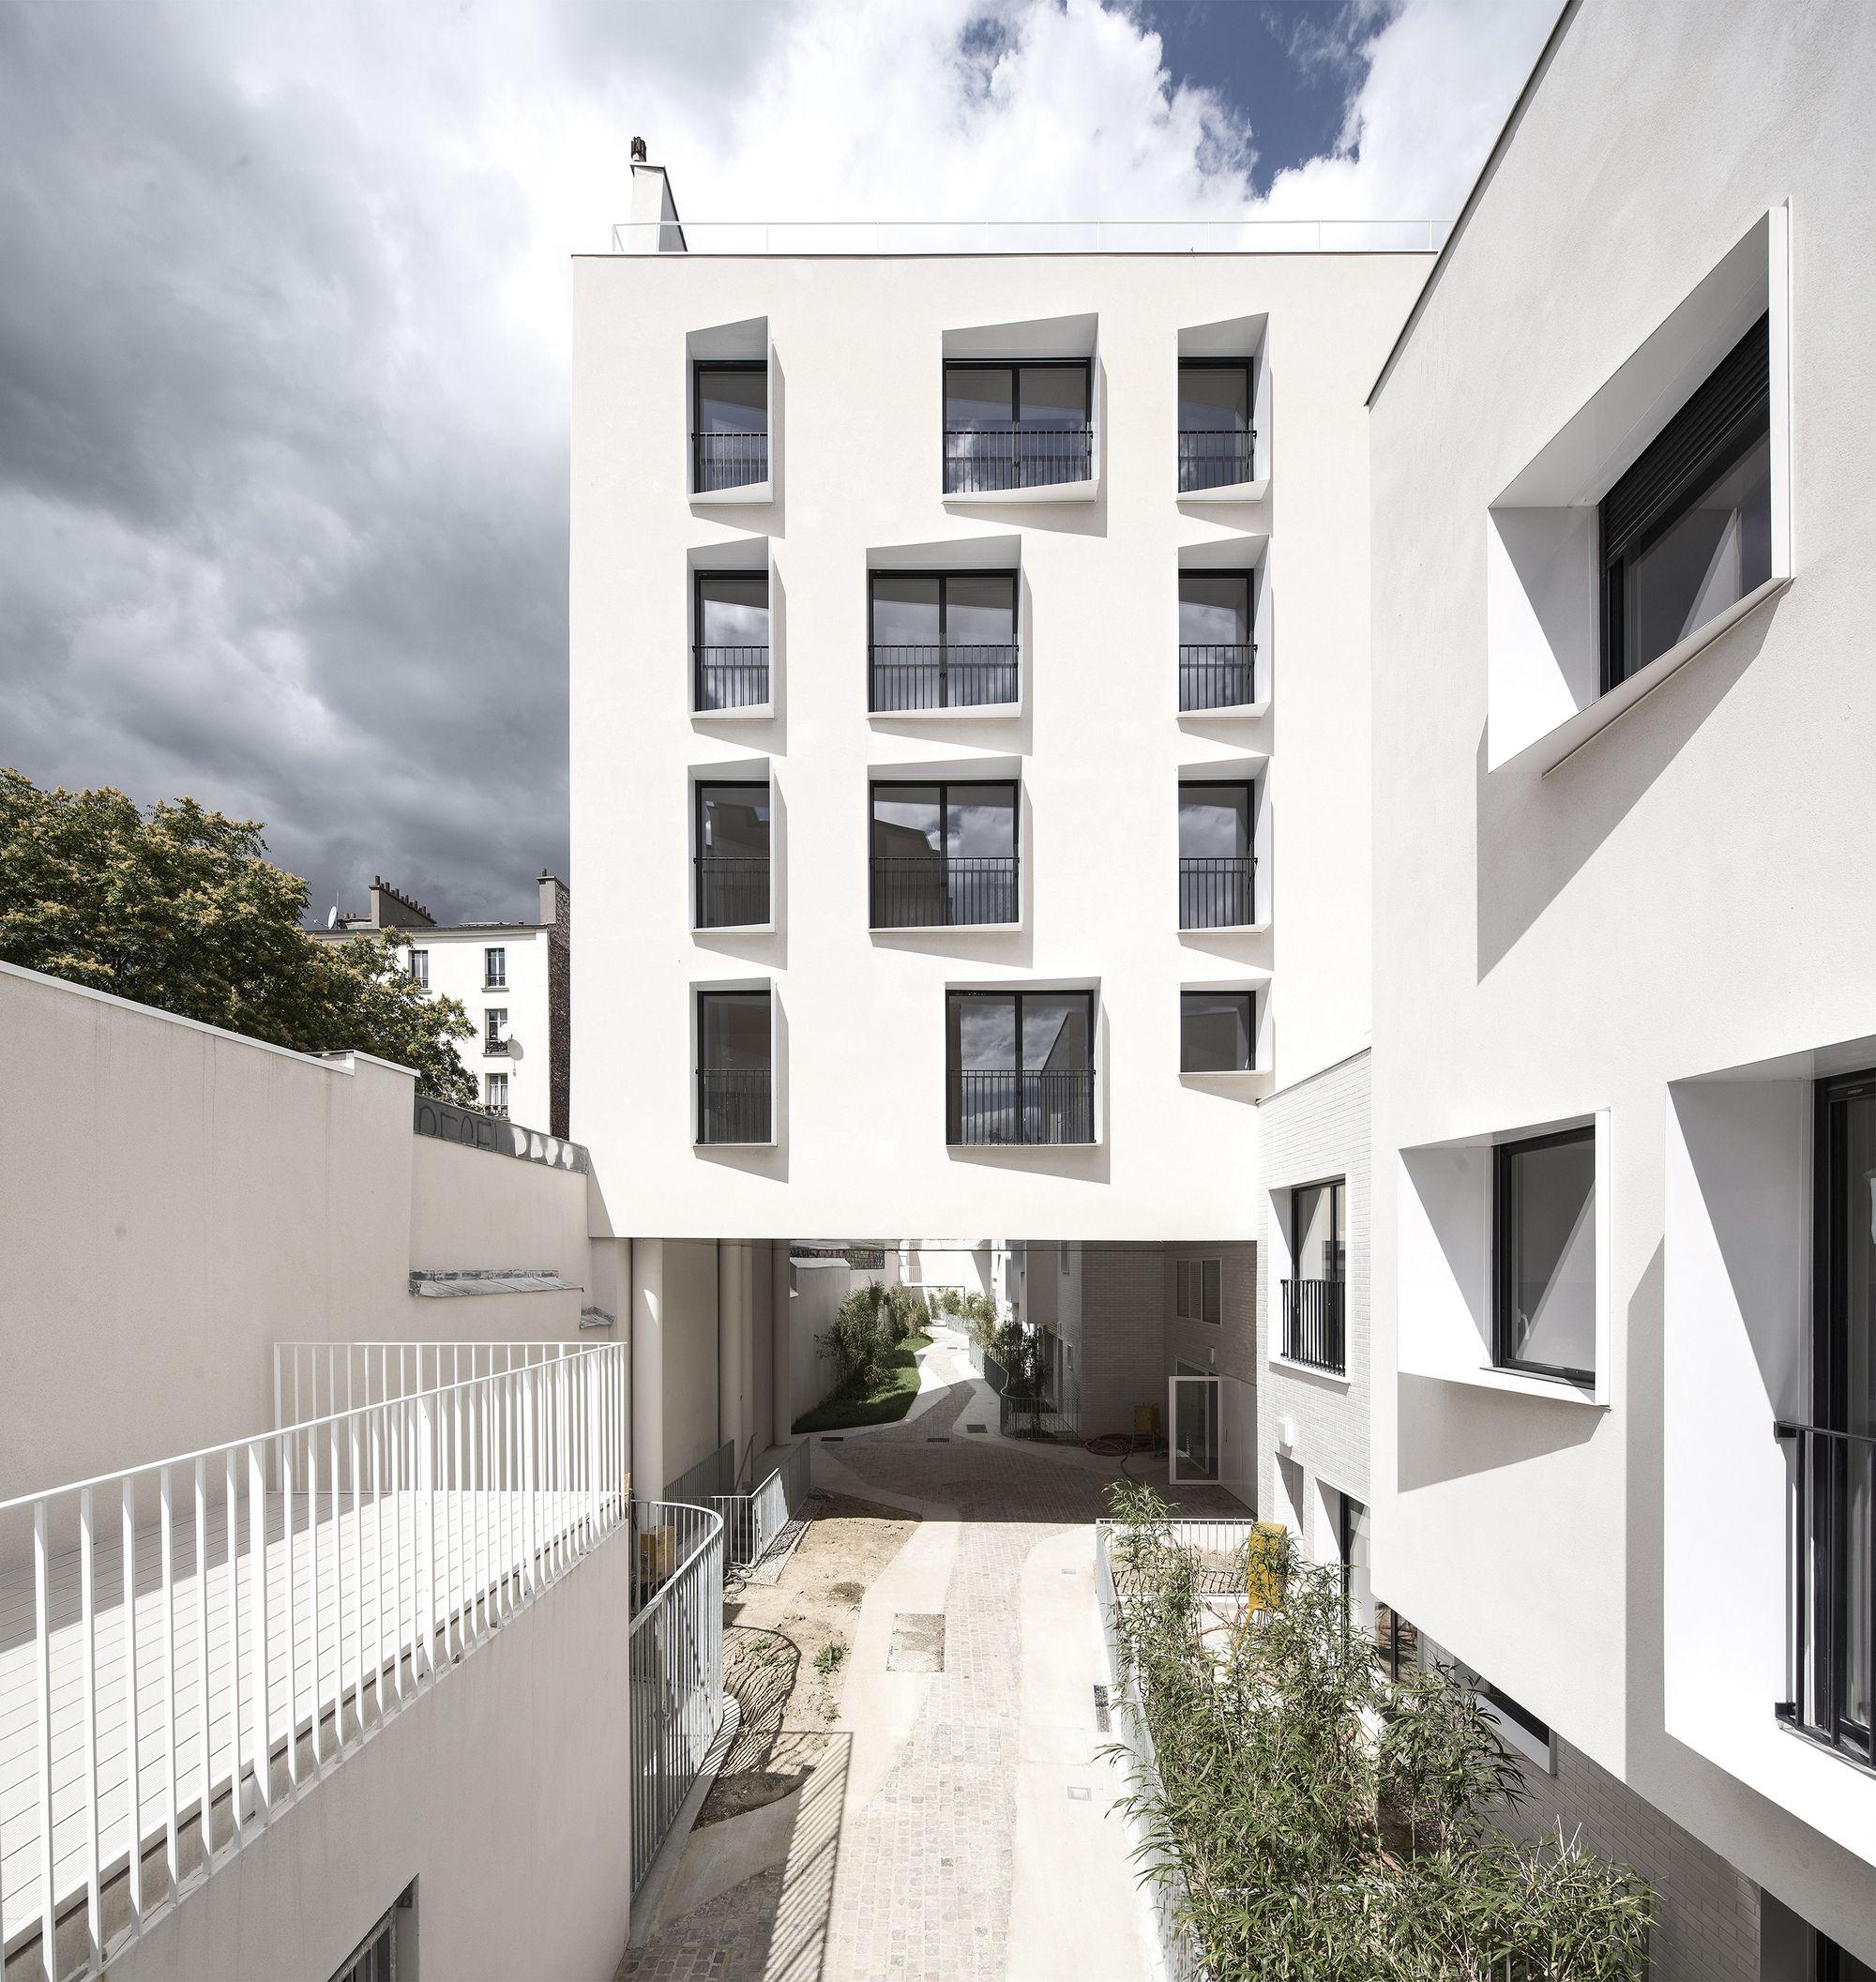 33 unidades de vivienda nuevas y rehabilitadas antonini darmon architectes arquitectura. Black Bedroom Furniture Sets. Home Design Ideas